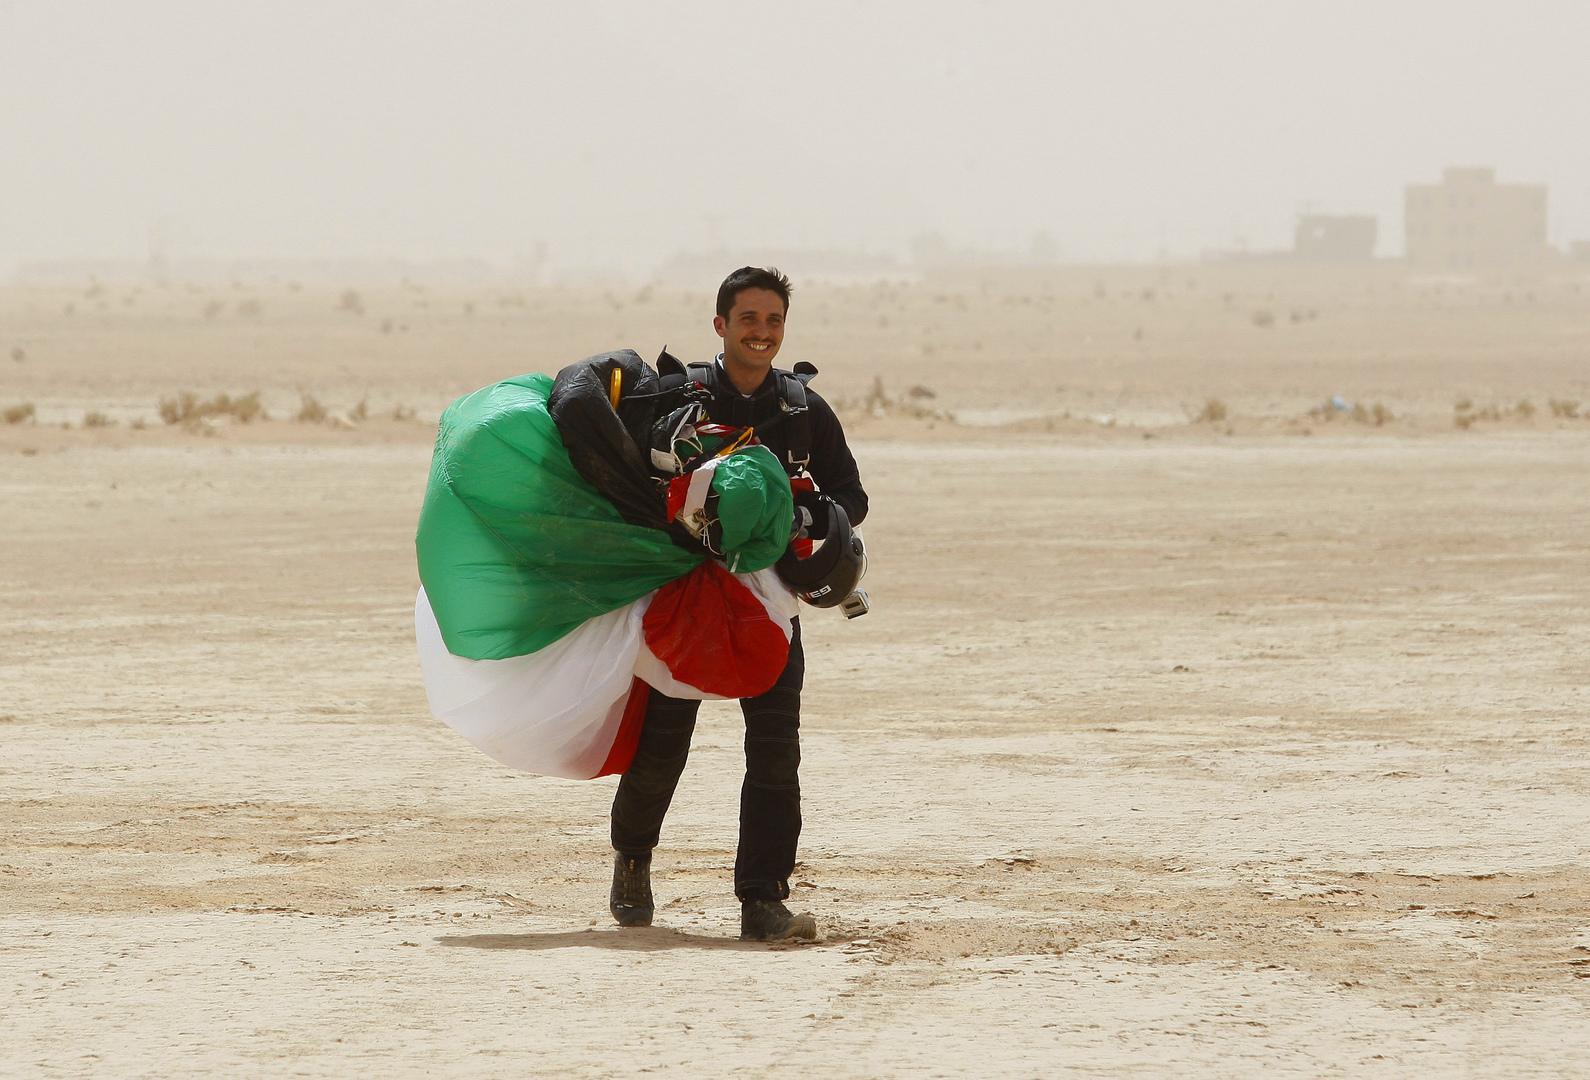 الأمير حمزة بن الحسين يقول في تسجيل صوتي إنه